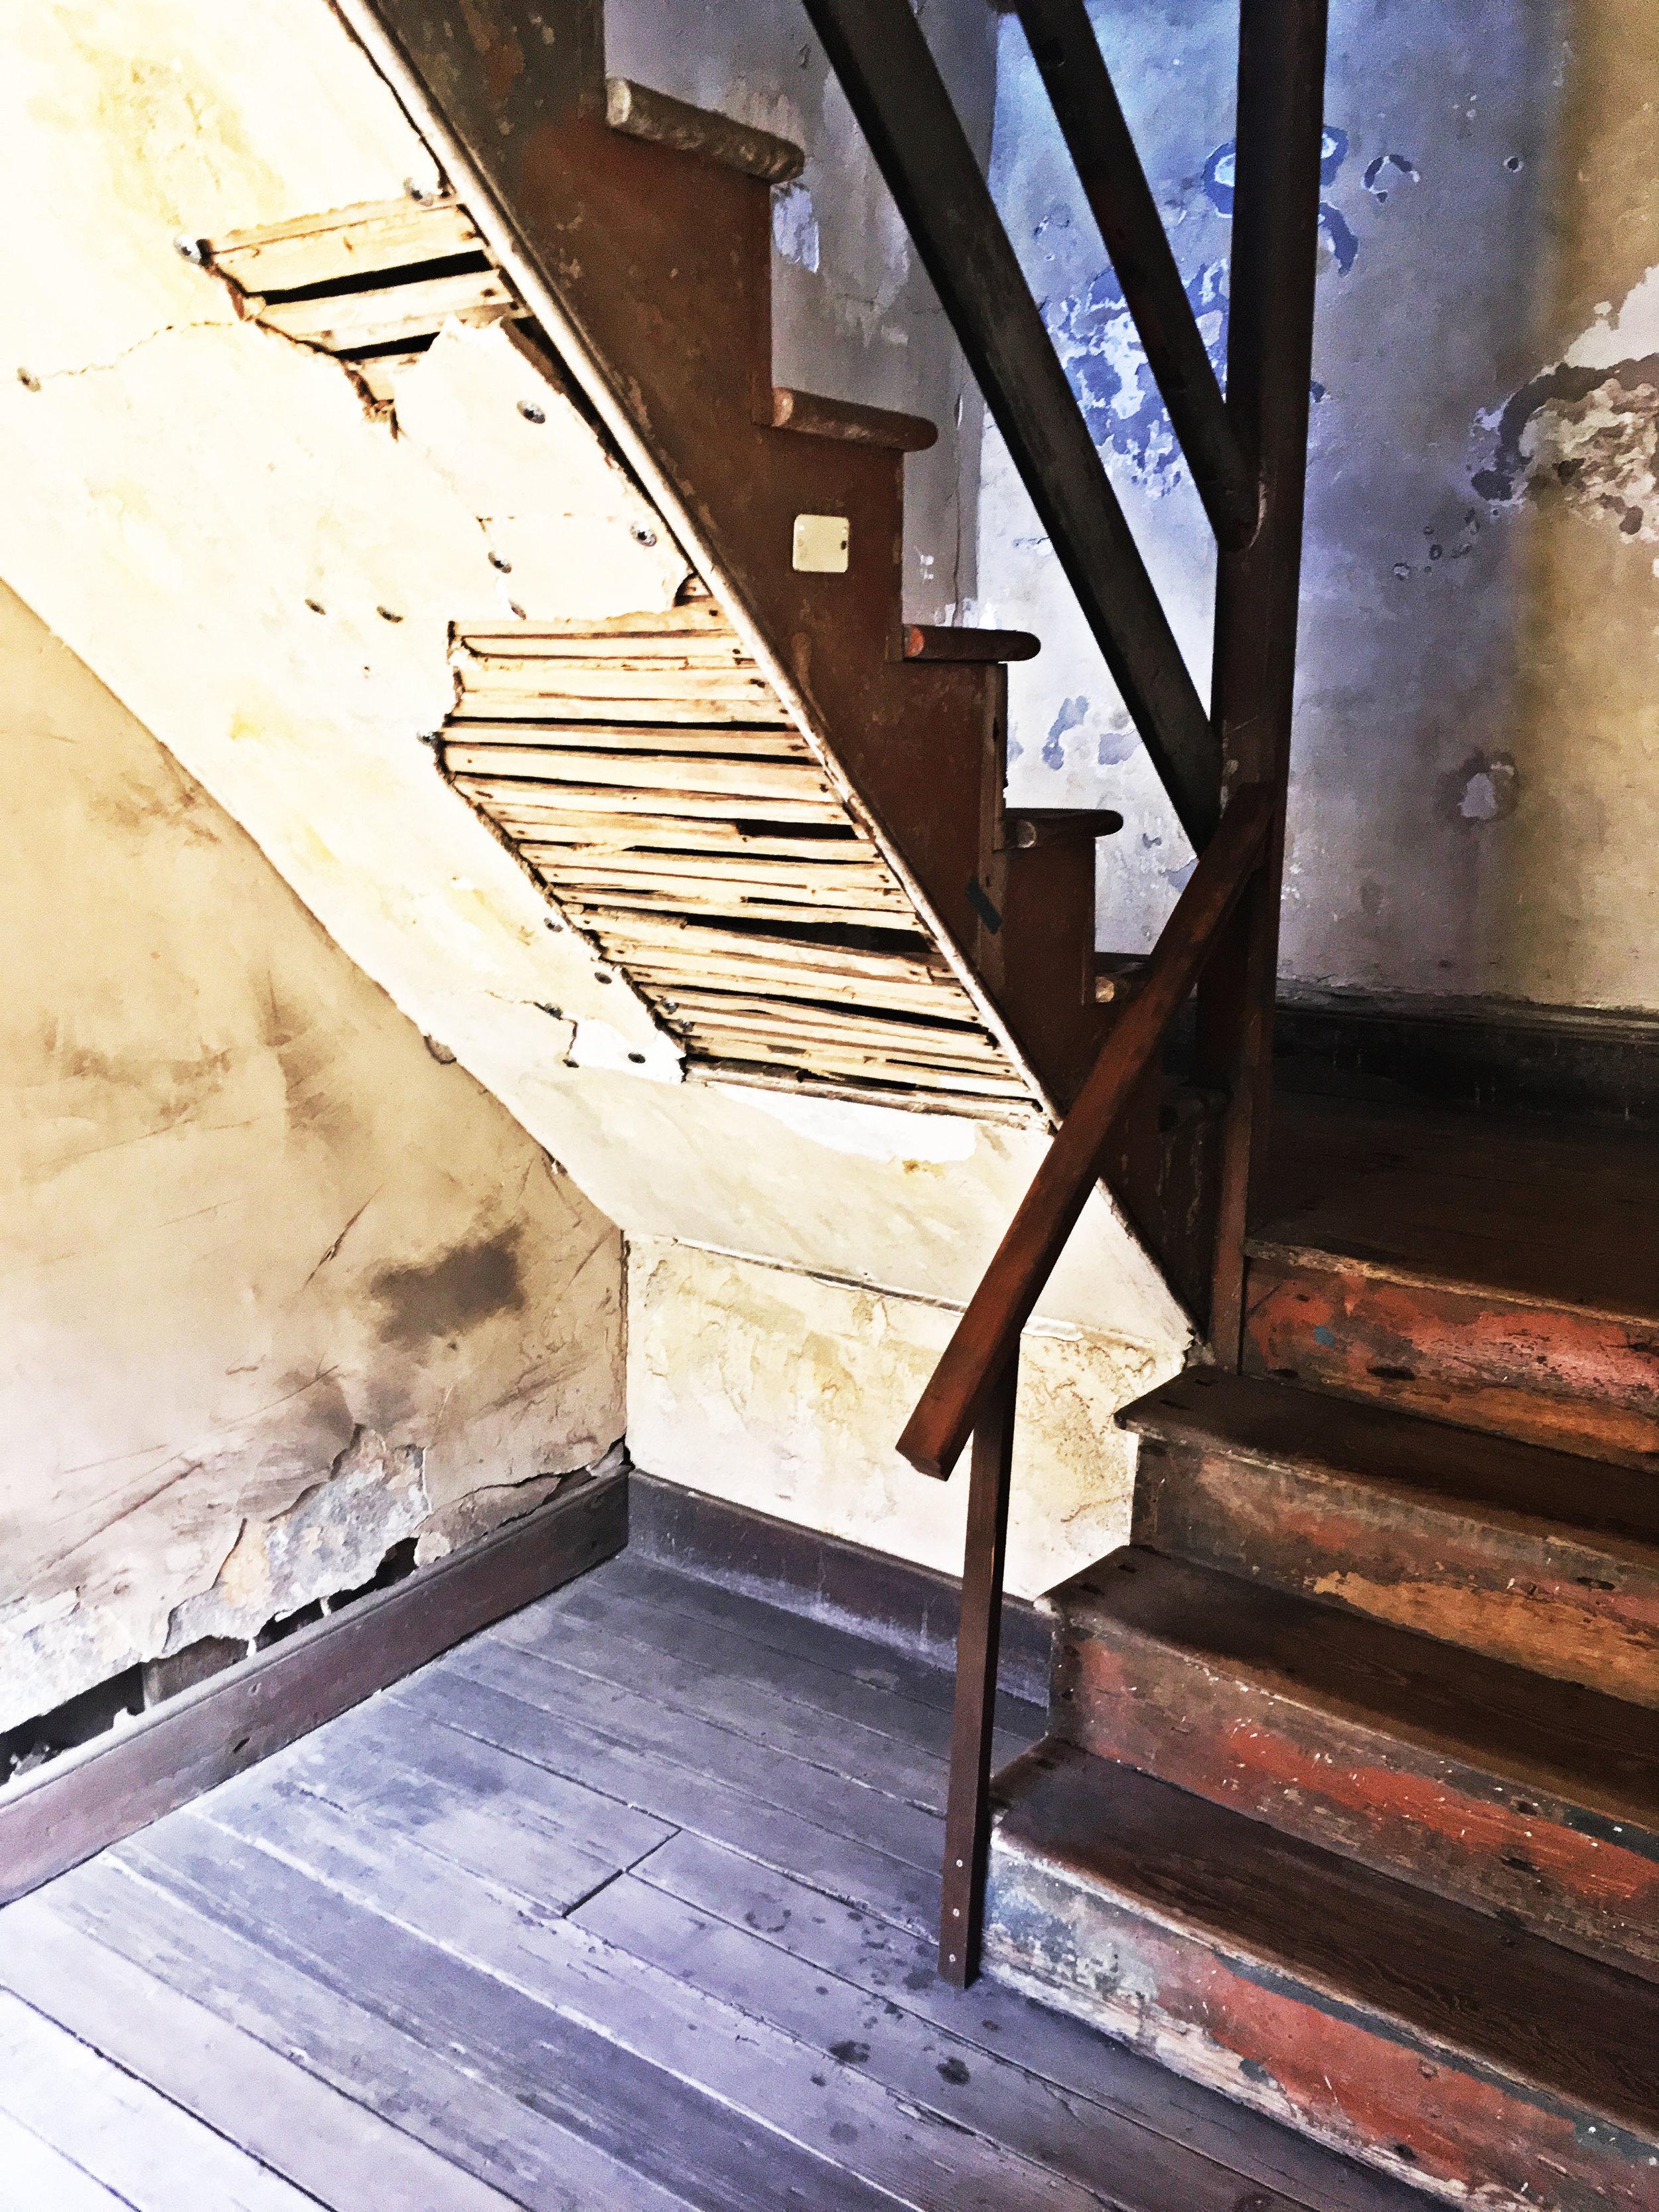 Aiken Rhett House Slave Quarters: Staircase to second